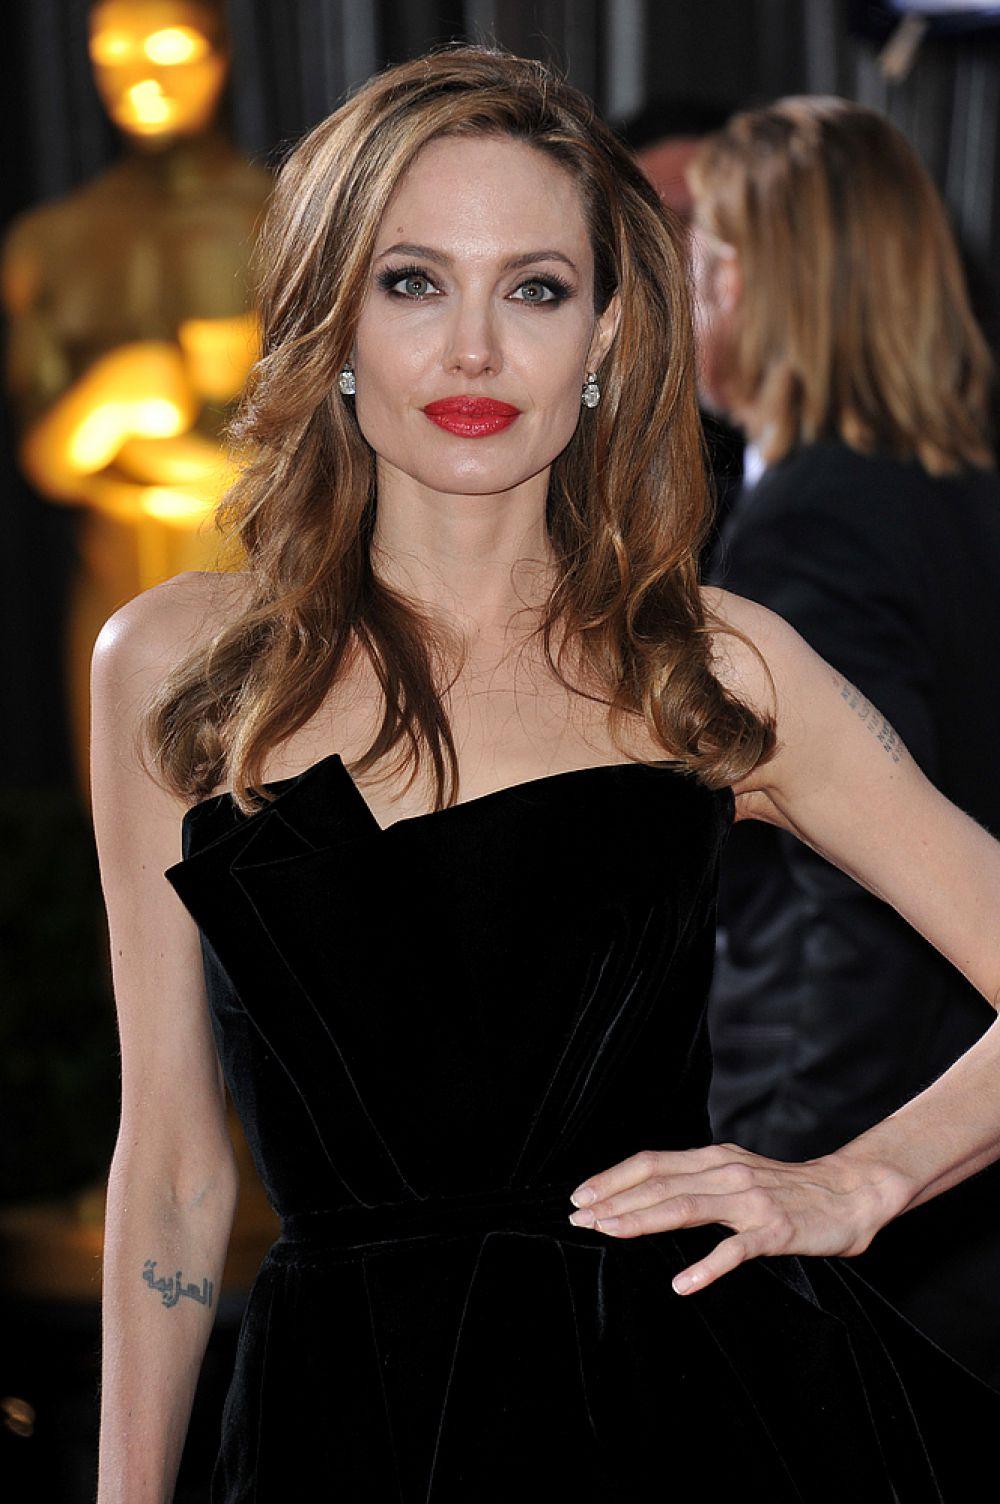 В далеком 2004 году самой сексуальной женщиной планеты Esquire выбрал Анжелину Джоли.